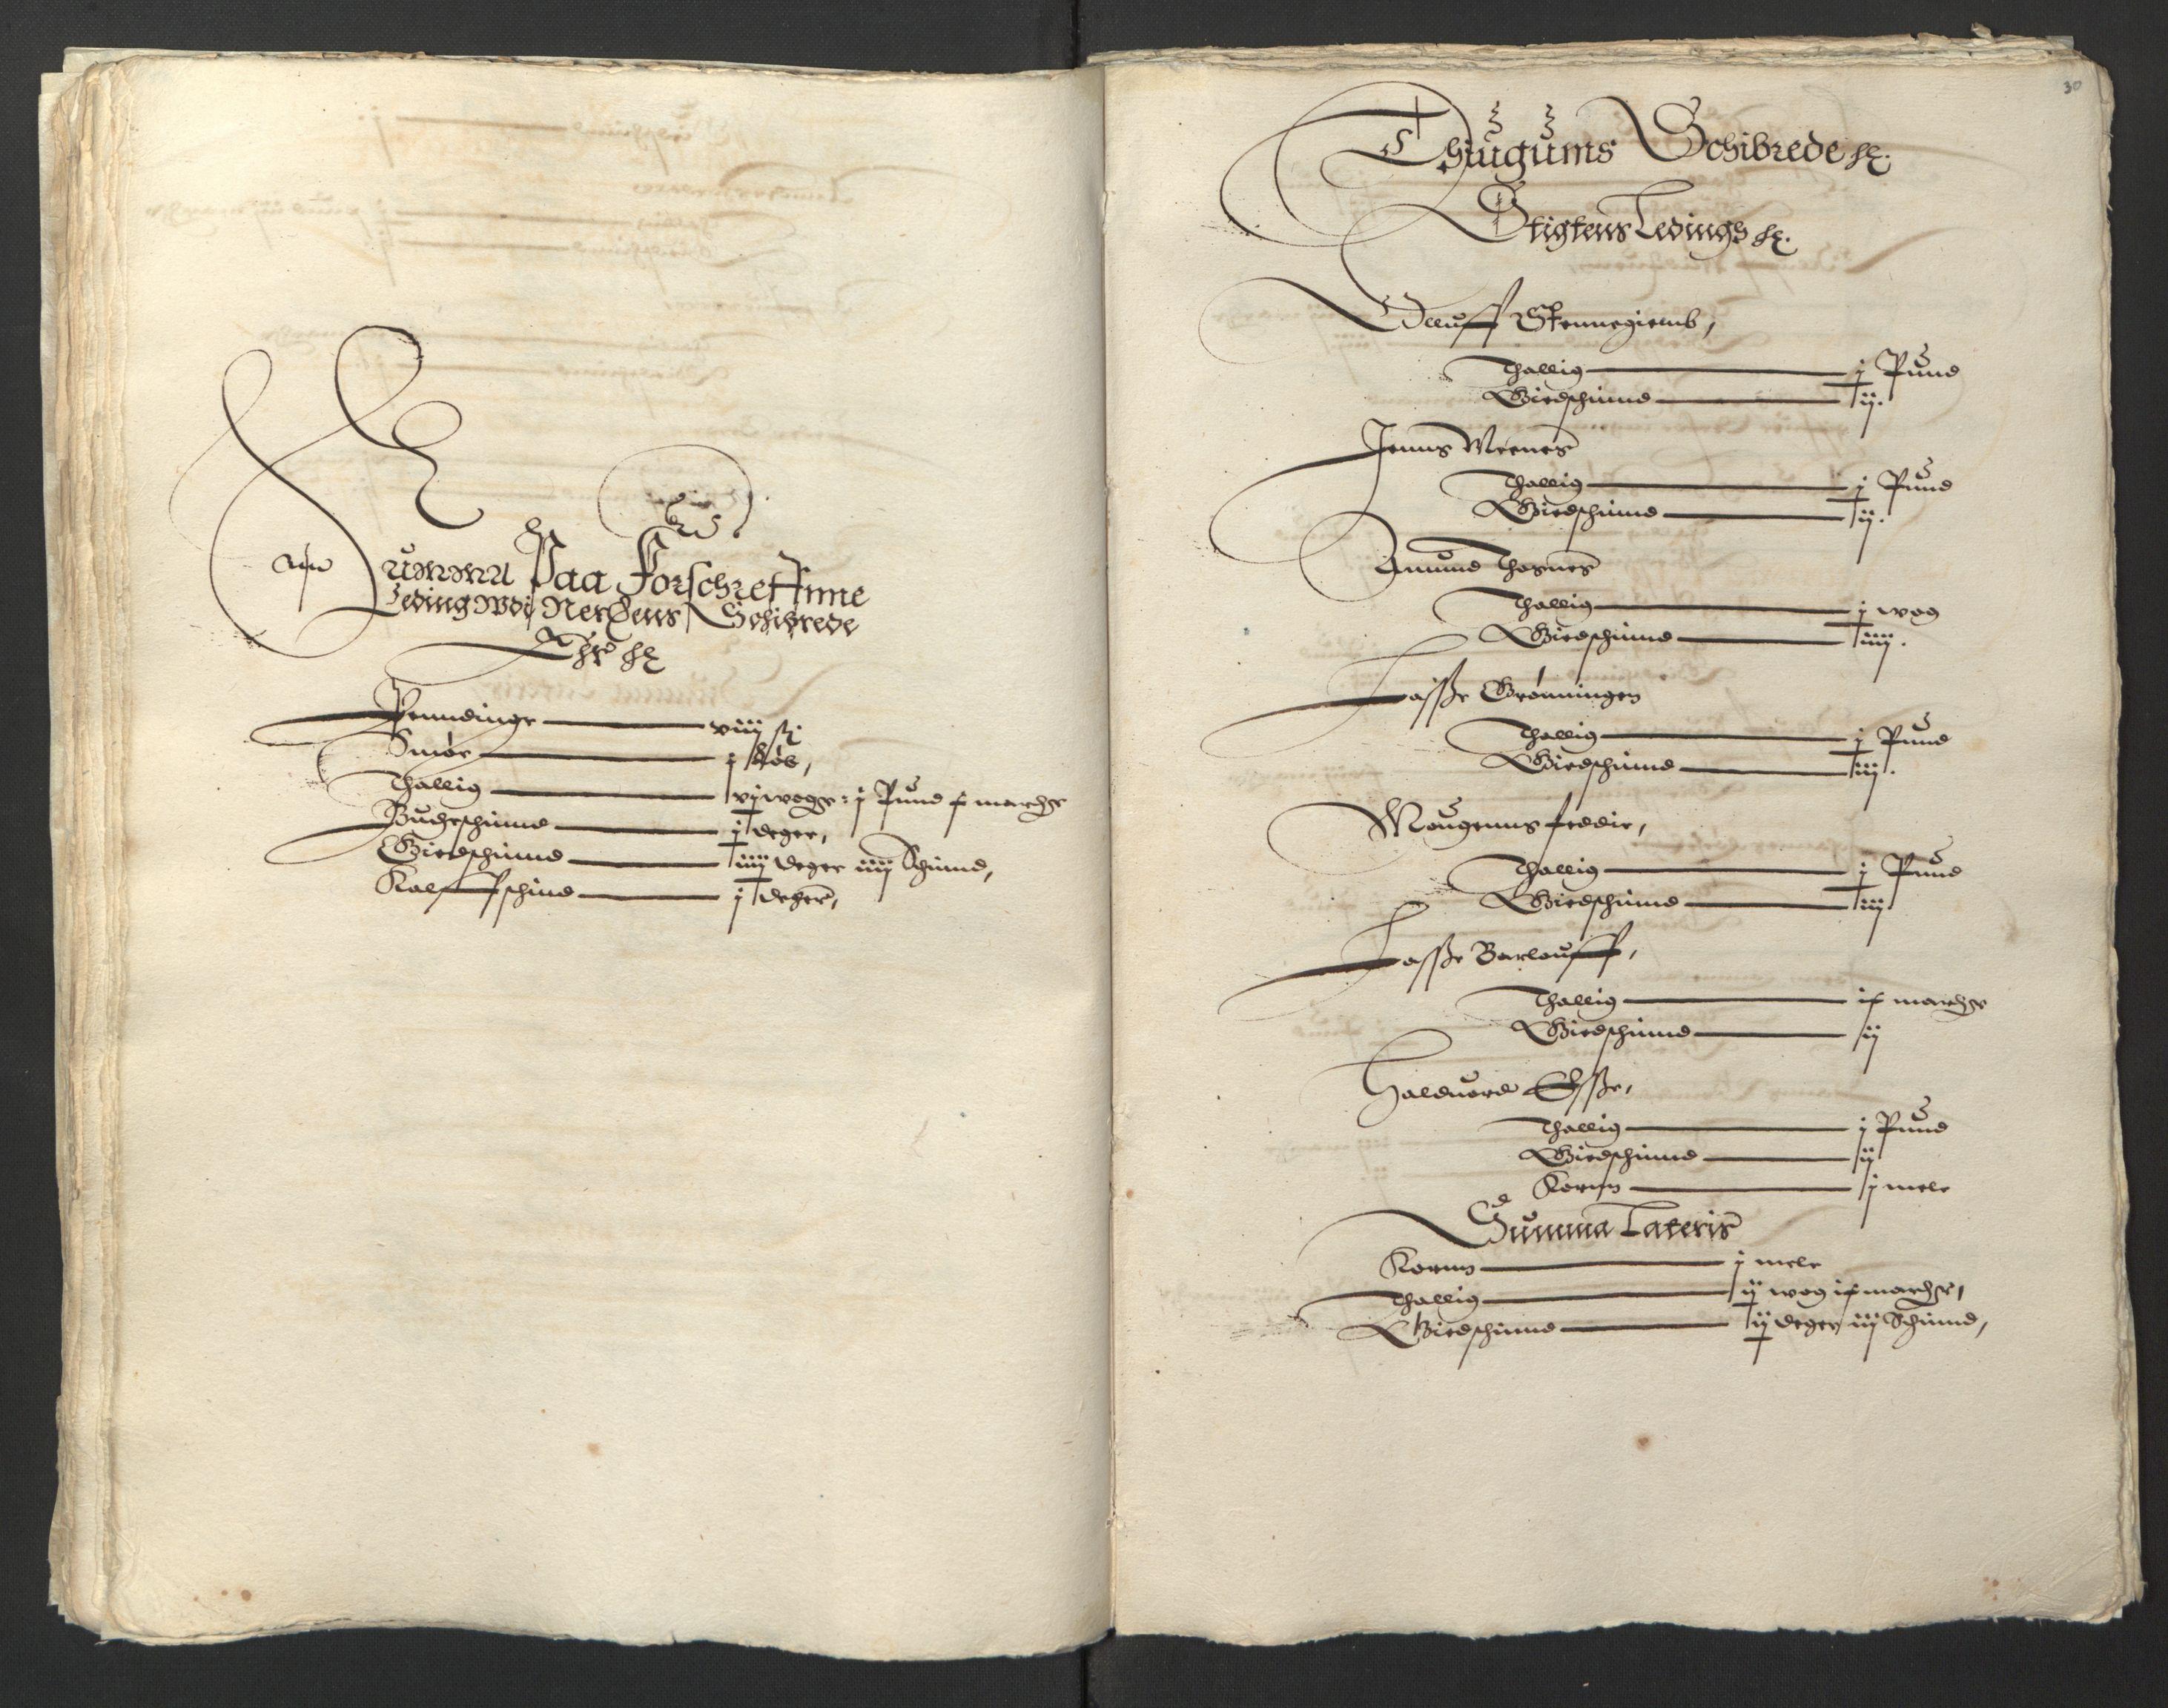 RA, Stattholderembetet 1572-1771, Ek/L0003: Jordebøker til utlikning av garnisonsskatt 1624-1626:, 1624-1625, s. 146